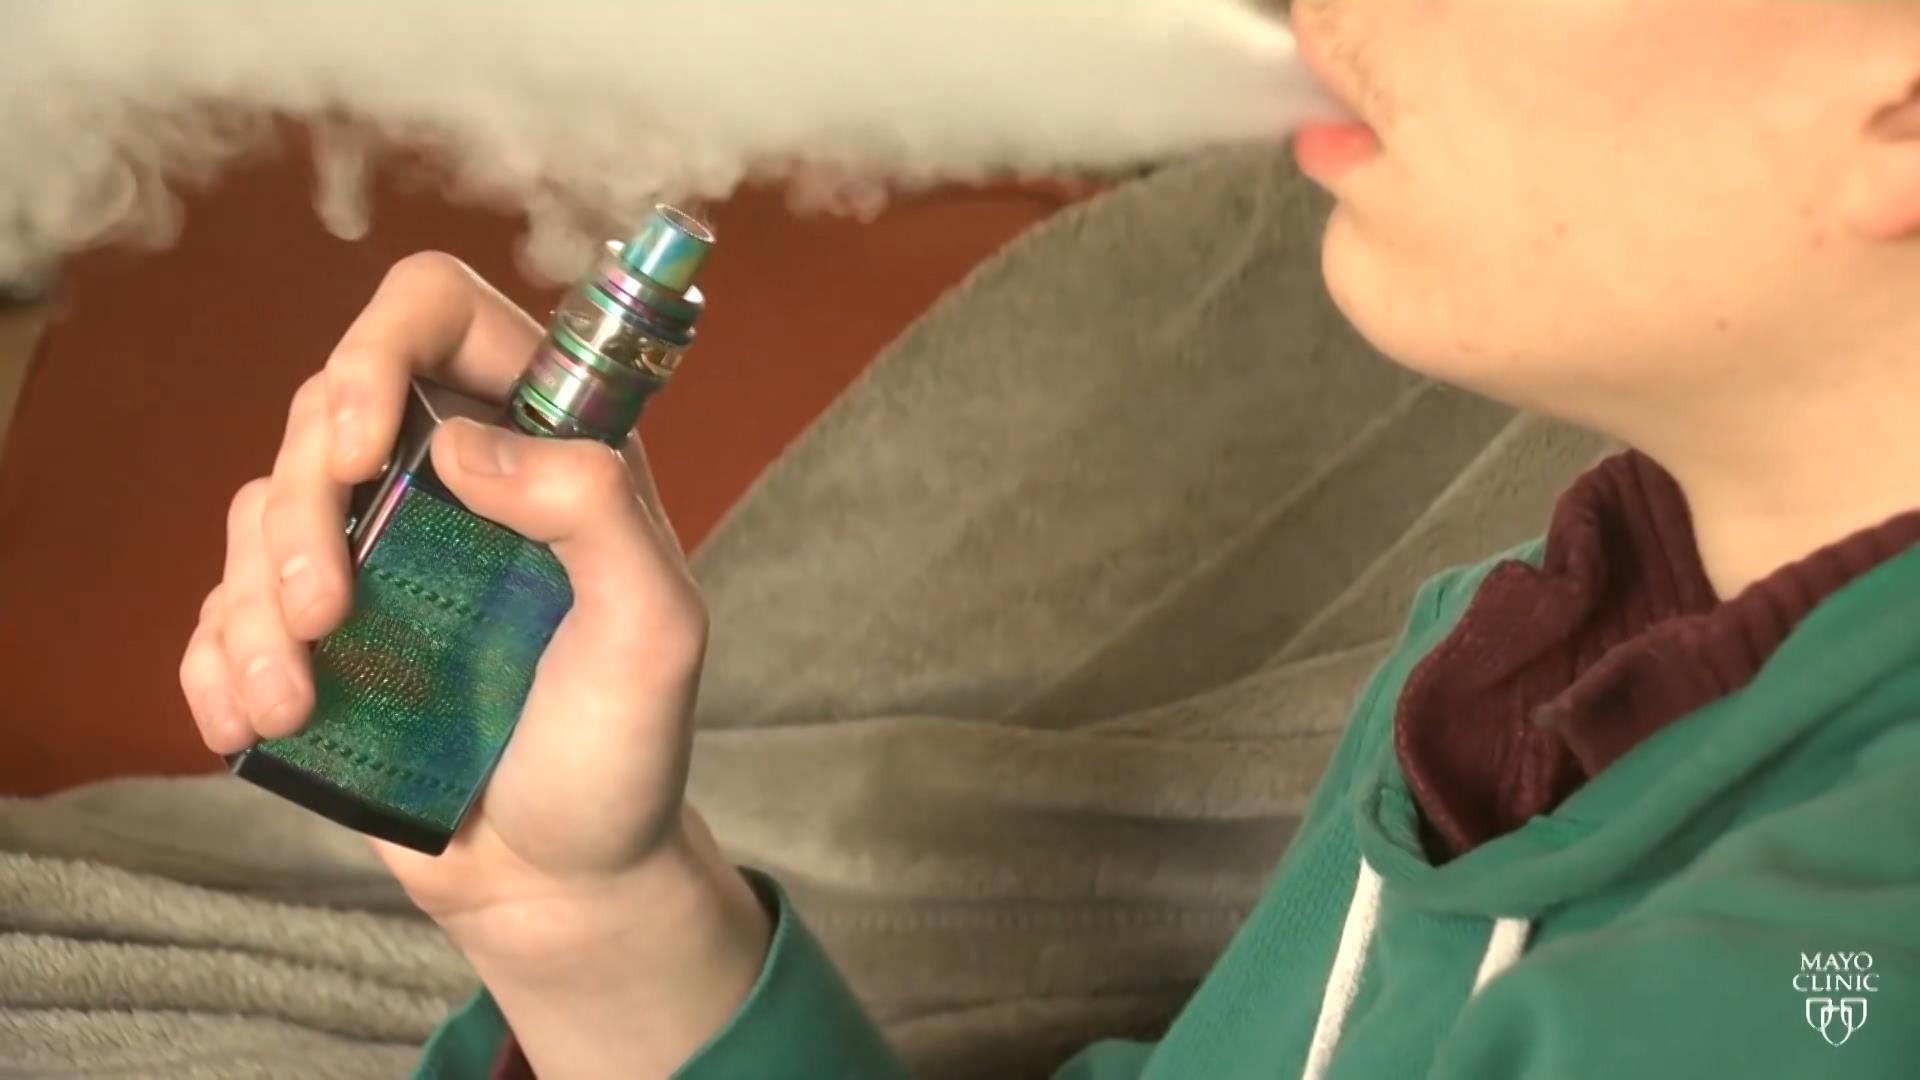 Khuyến cáo cấm lưu hành thuốc lá điện tử